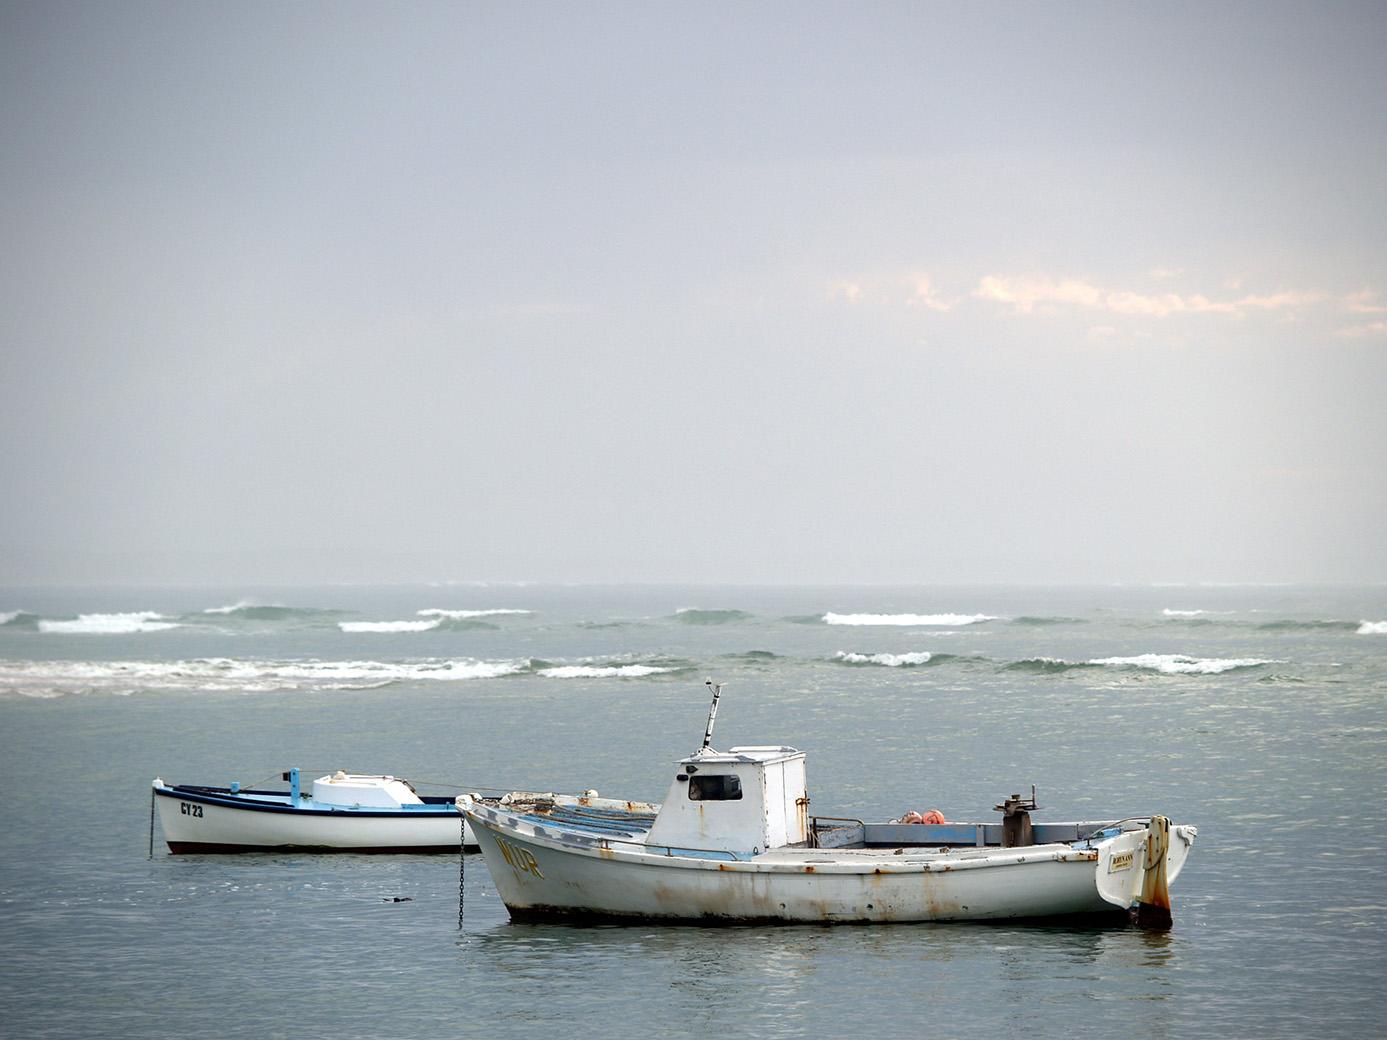 Barwon Heads Boats